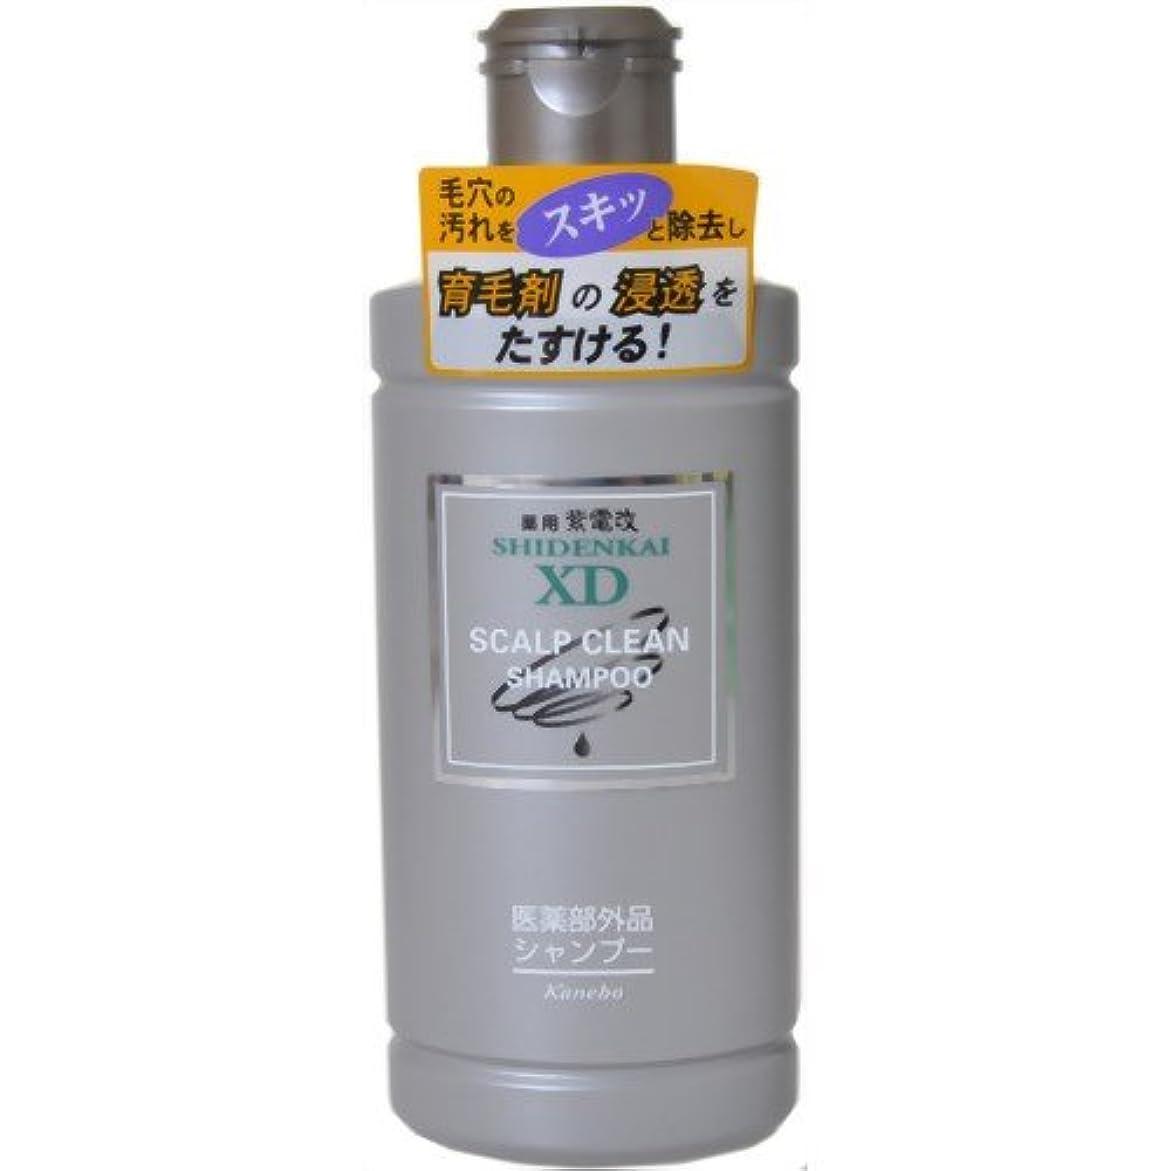 孤独鹿理想的カネボウ 薬用紫電改X.Dシャンプー 250ml